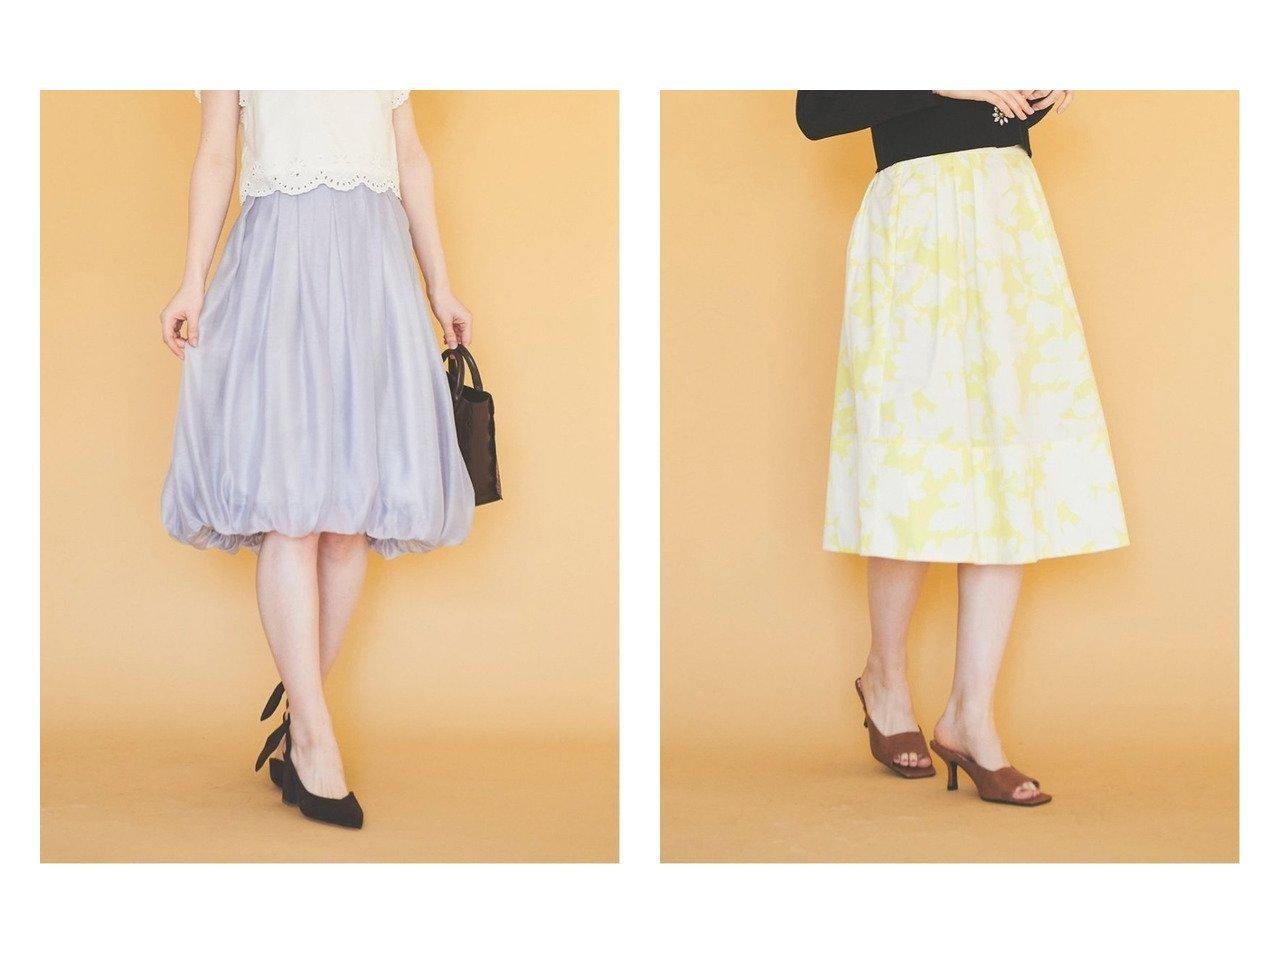 【31 Sons de mode/トランテアン ソン ドゥ モード】のオーガンジーバルーンスカート&フェイククロコ・チェックスクエアサンダル おすすめ!人気トレンド・レディースファッションの通販 おすすめで人気のファッション通販商品 インテリア・家具・キッズファッション・メンズファッション・レディースファッション・服の通販 founy(ファニー) https://founy.com/ ファッション Fashion レディース WOMEN スカート Skirt 台形スカート Trapezoid Skirt エアリー トレンド バルーン フェミニン ヘムライン リボン 台形 ギンガム クロコ サンダル シューズ ネイル |ID:crp329100000006479